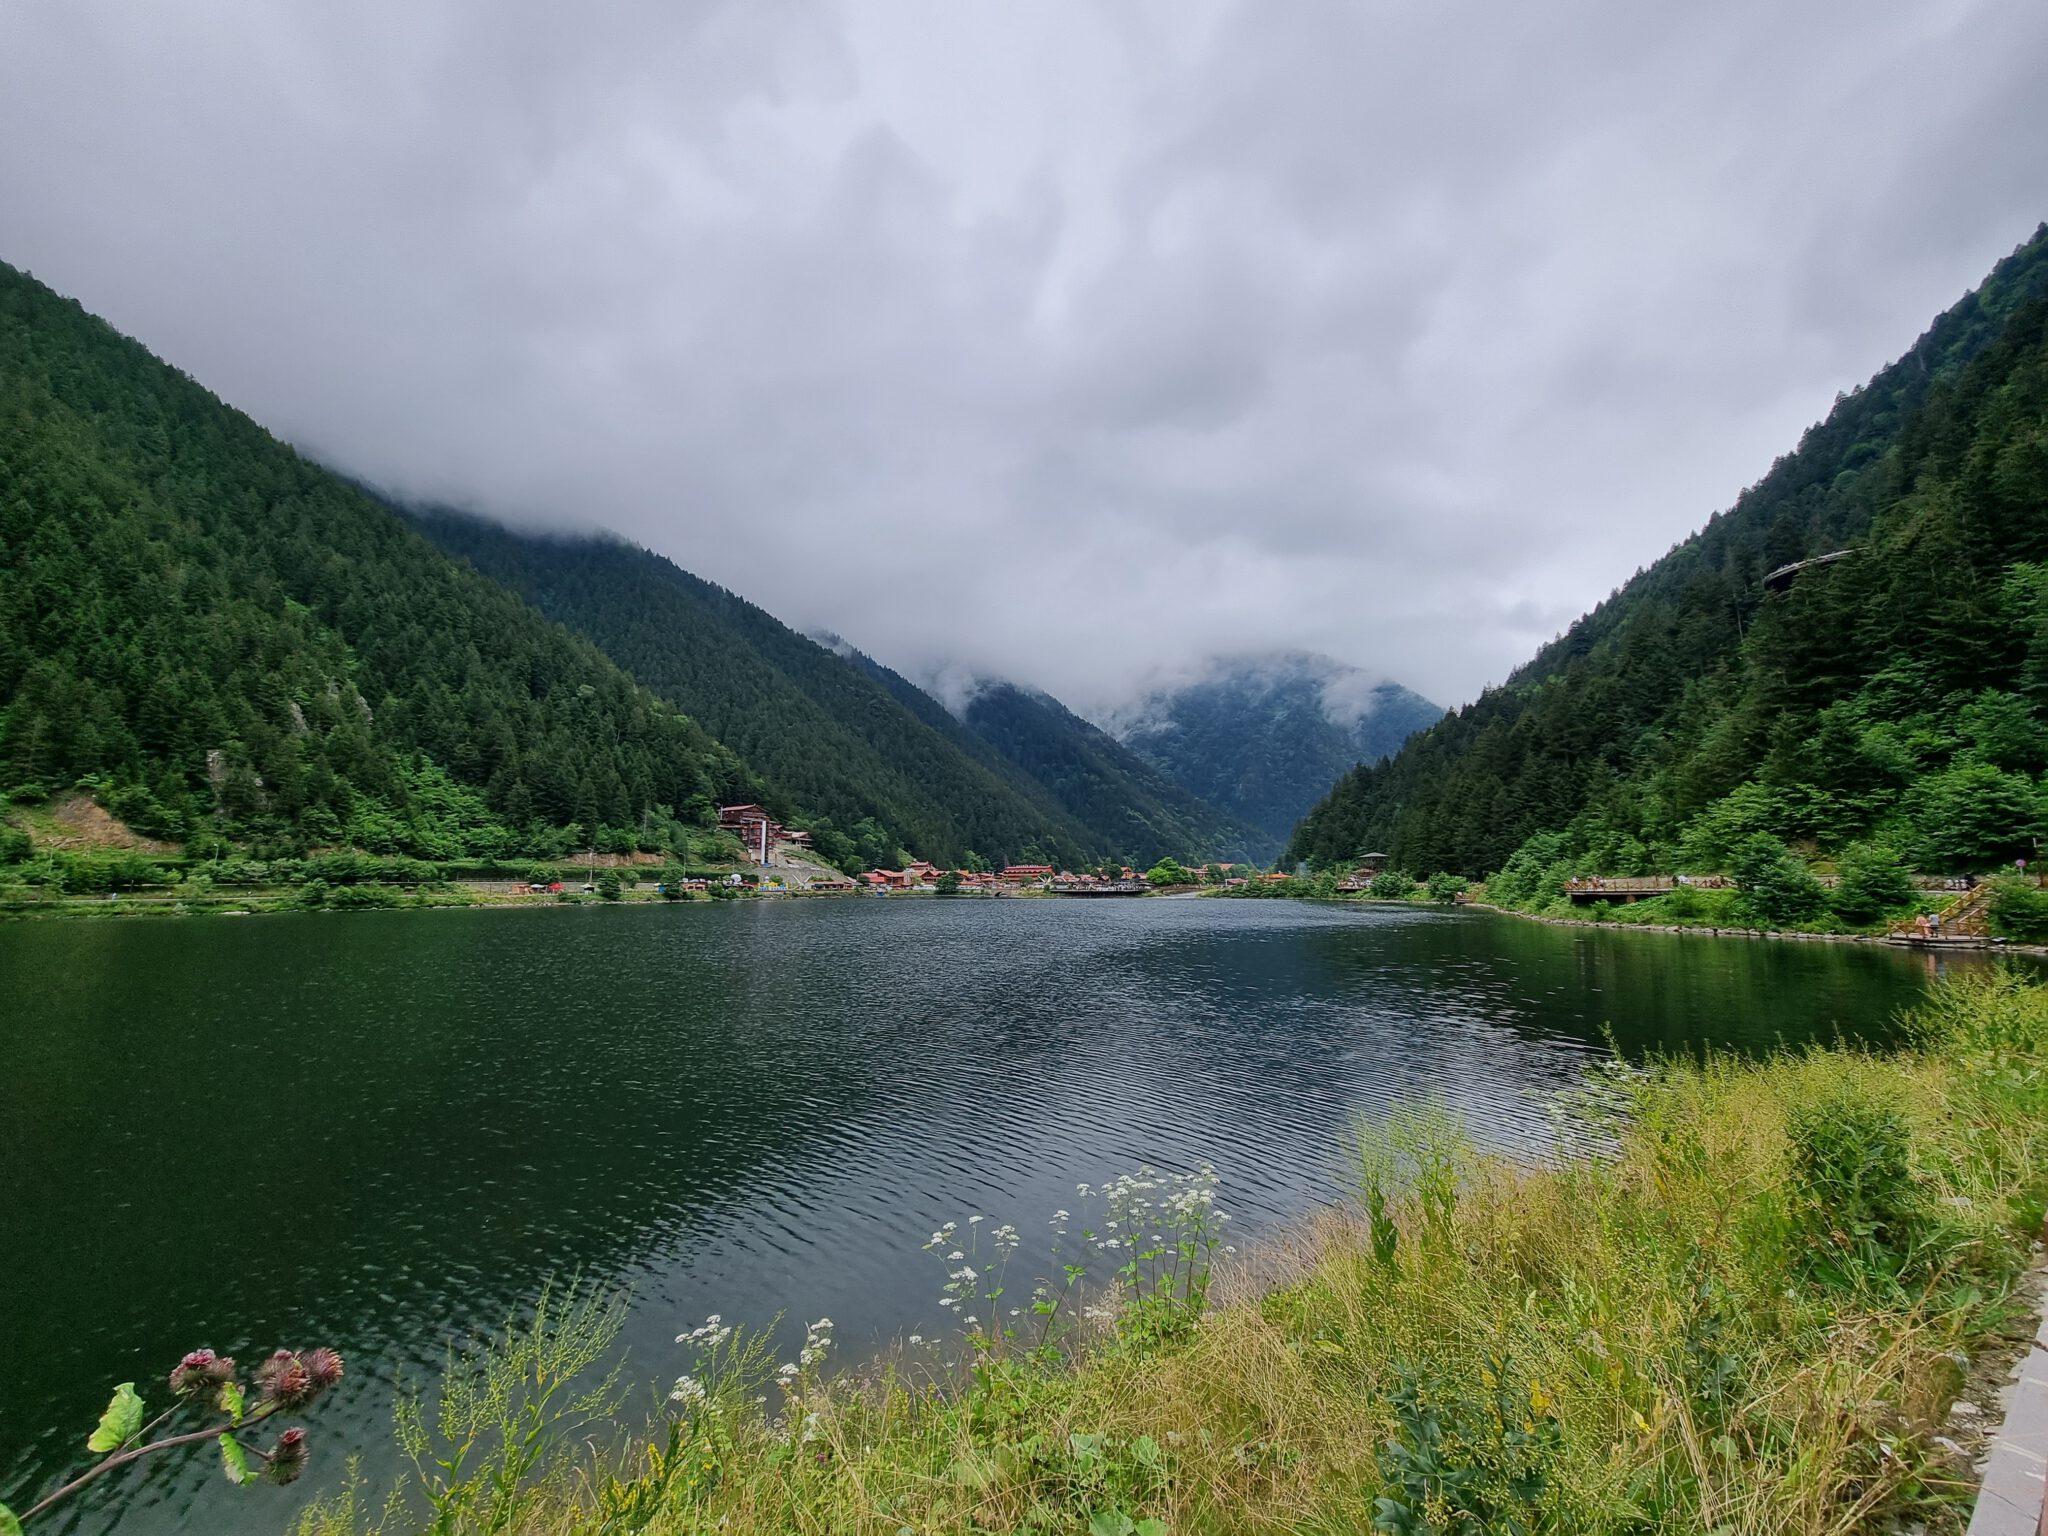 """Uzungöl (Deutsch: """"langer See"""") ist ein See im Landkreis Çaykara. Sie ist ca. 100 km zur Innenstadt von Trabzon entfernt. Er ist durch einen Erdrutsch entstanden, welcher das Bachbett zu einem Abdämmungssee im Tal des Haldizen-Bachs machte. Uzungöl ist ein großer Tourismusmagnet, vor allem für Arabische Touristen. Oben auf dem Berg gibt es noch einen guten Aussichtspunkt. Bei gutem Wetter unbedingt auf die Karester Yaylasi fahren."""